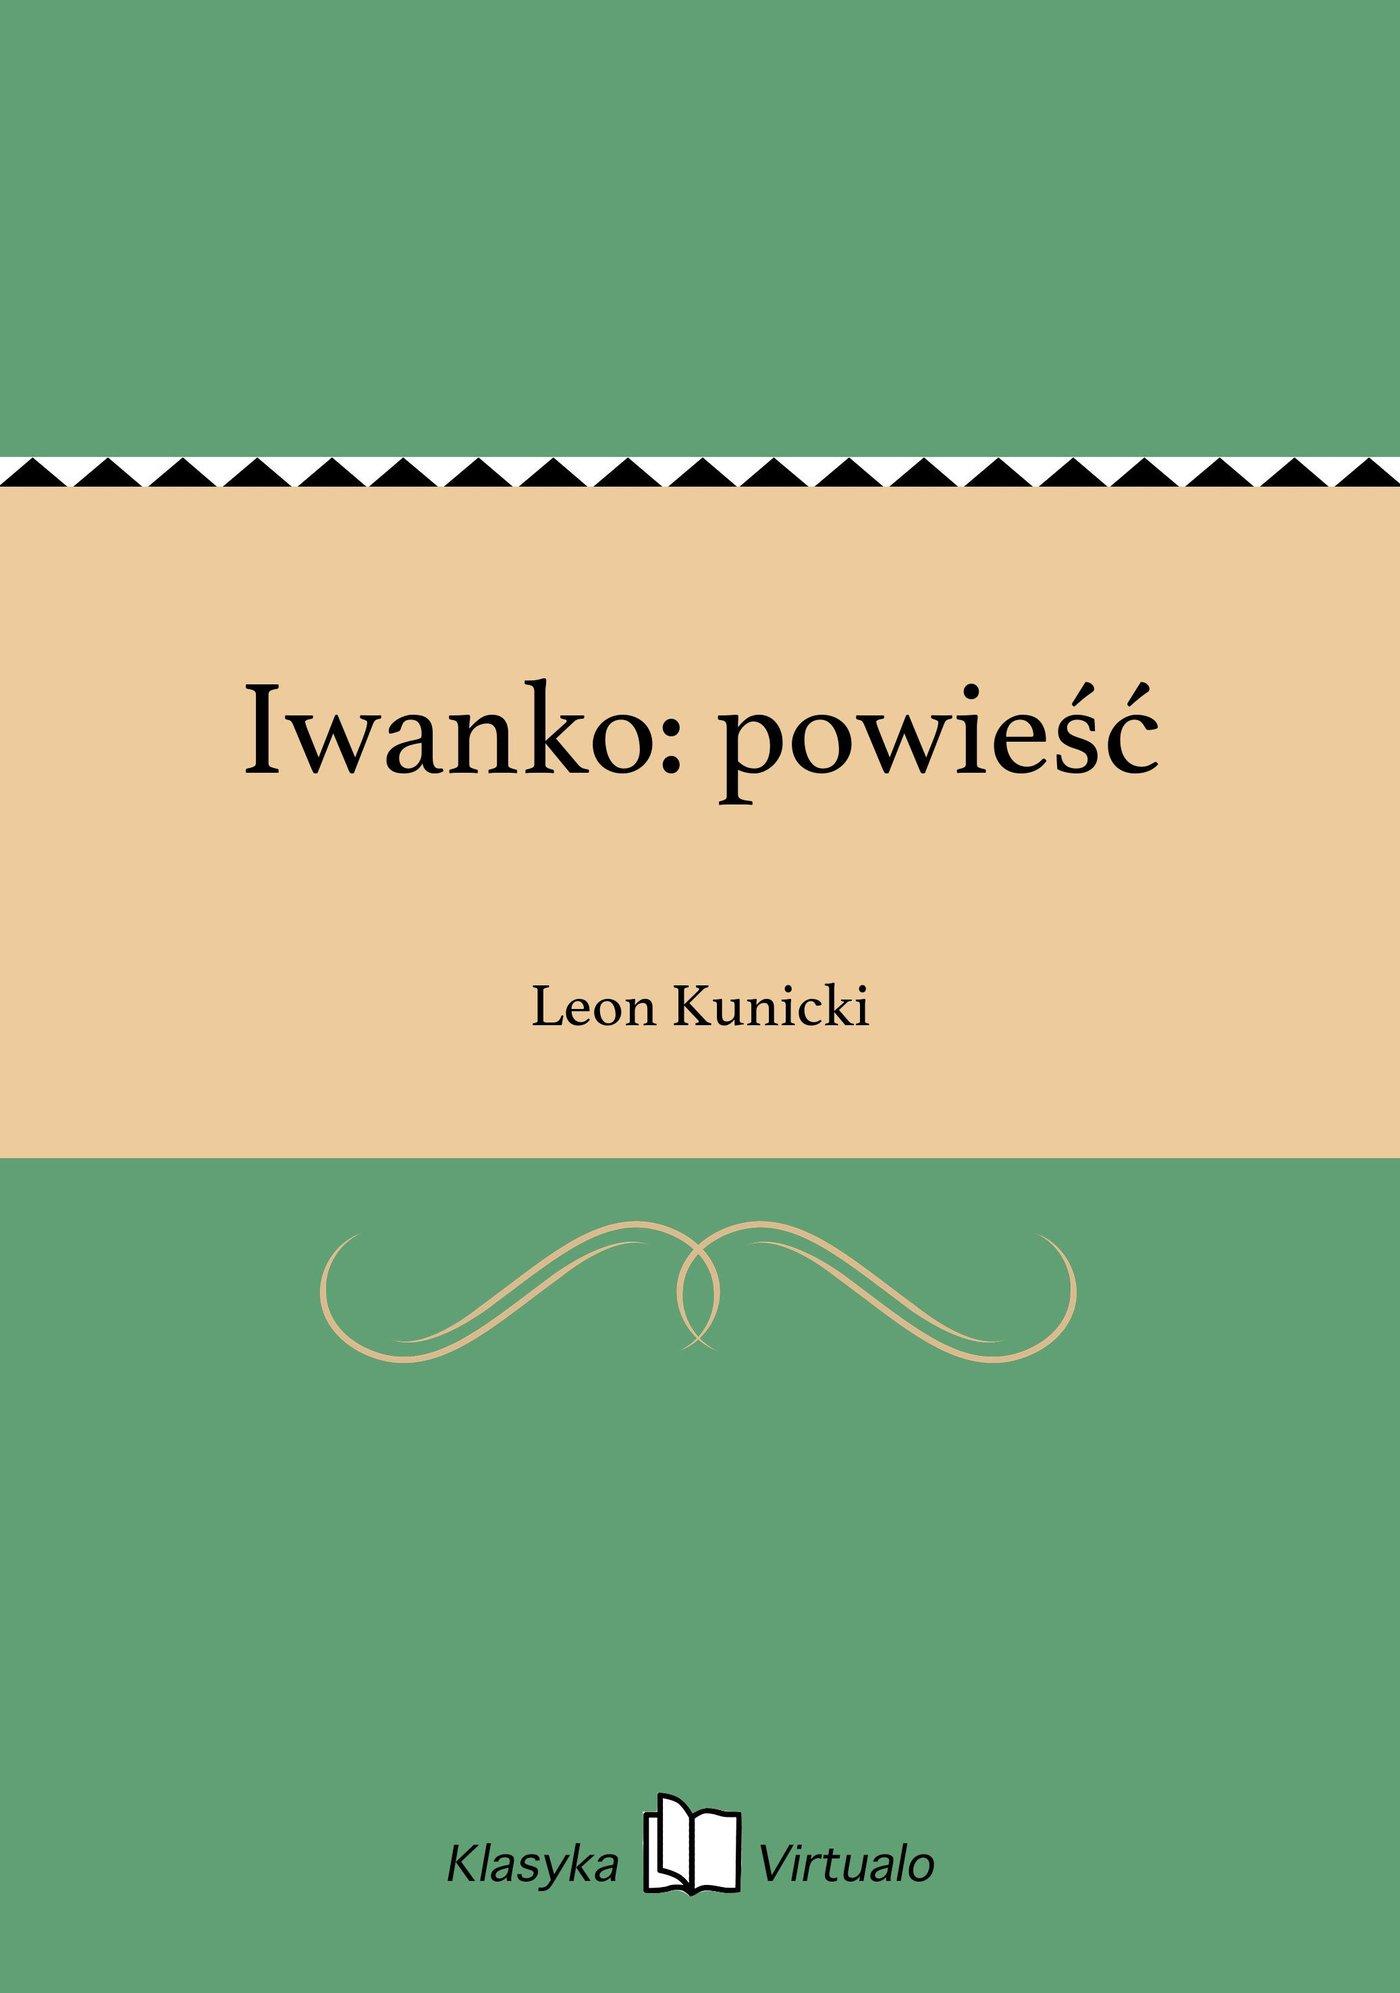 Iwanko: powieść - Ebook (Książka EPUB) do pobrania w formacie EPUB